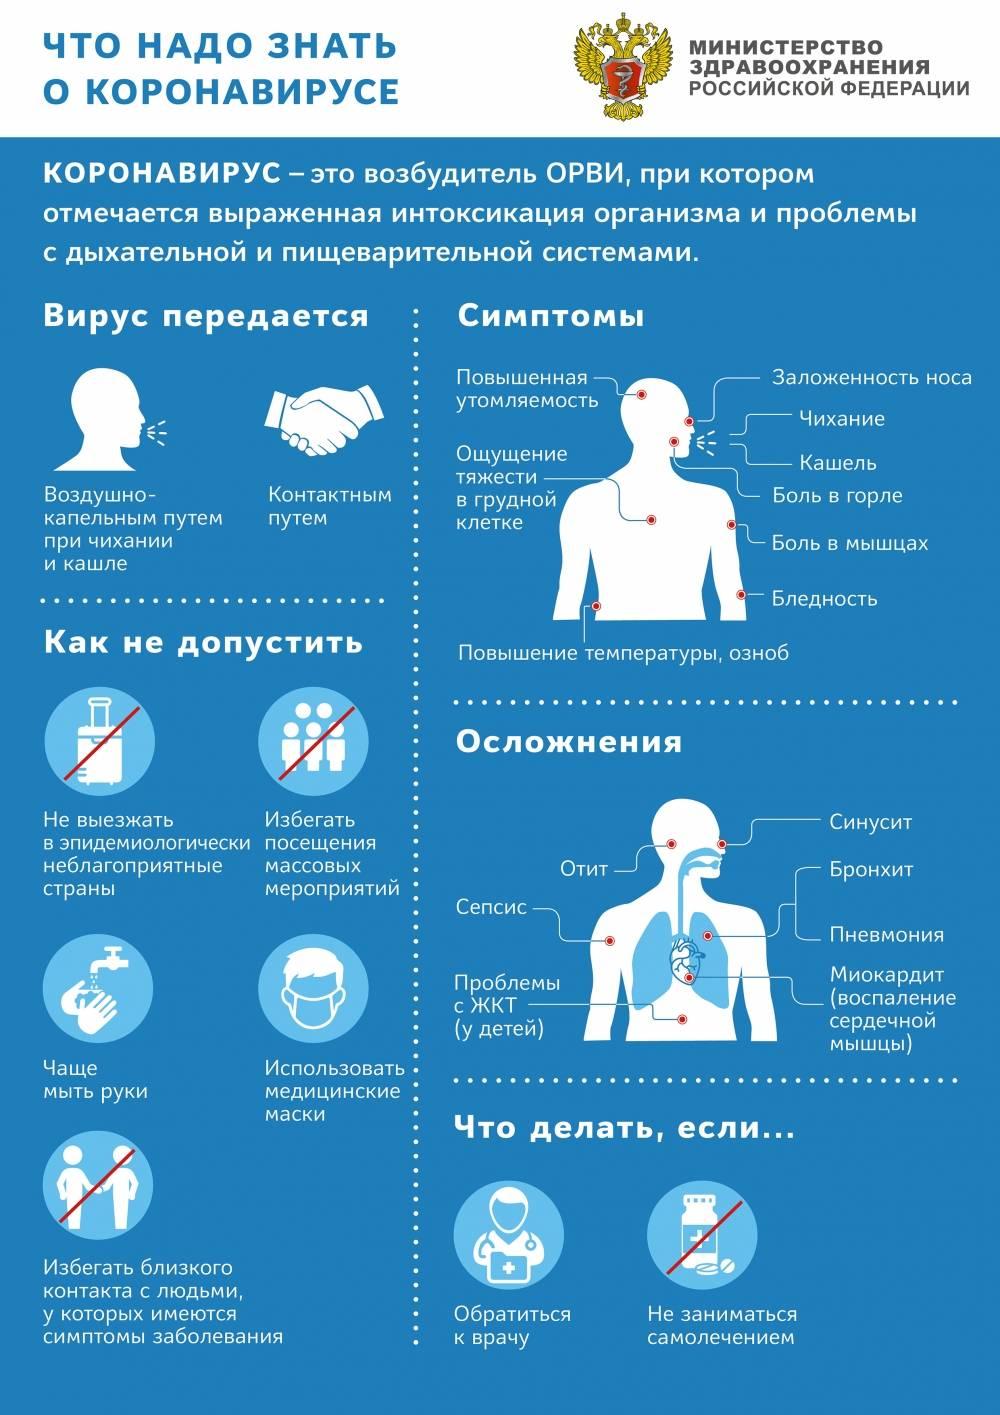 Головная боль у грудничка симптомы. почему появляется головная боль у детей? признаки головной боли у малышей